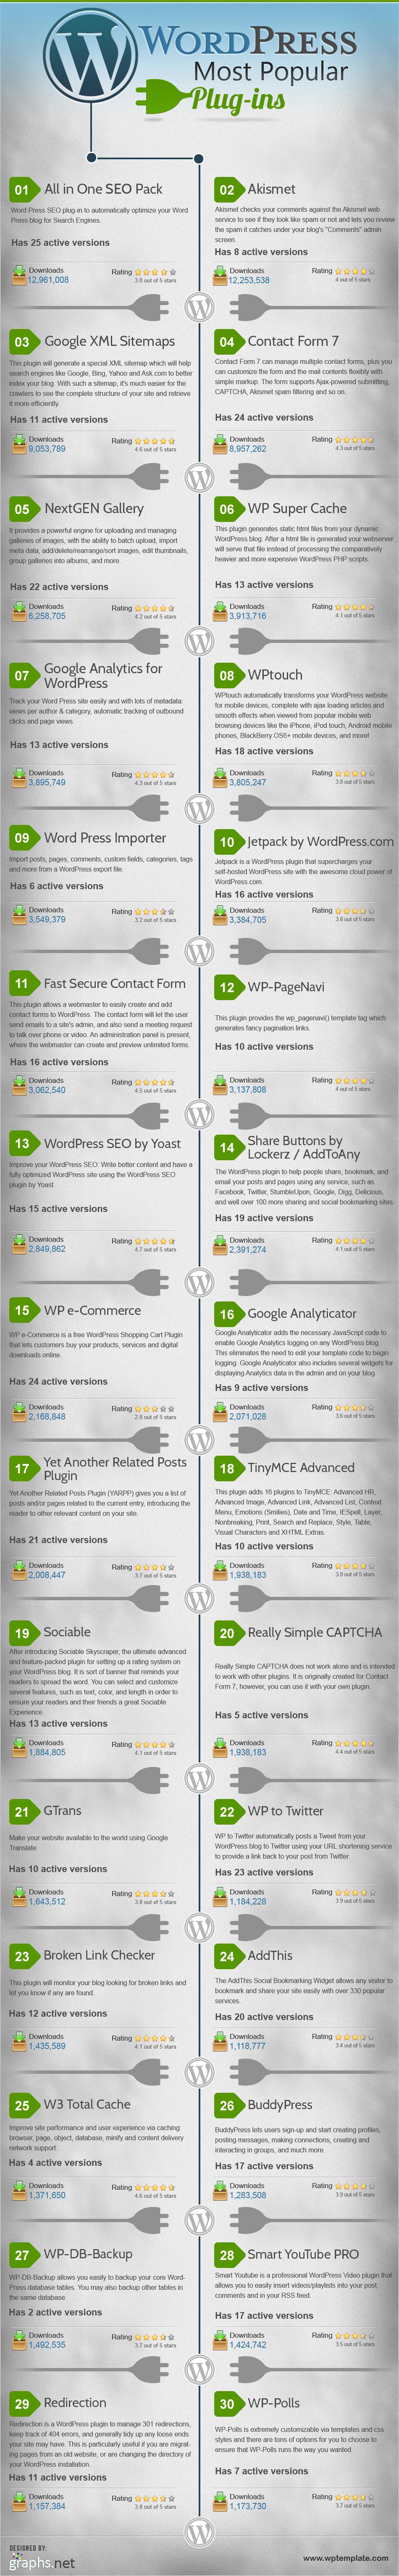 El Top 30 de los plugins de WordPress [INFOGRAFÍA]